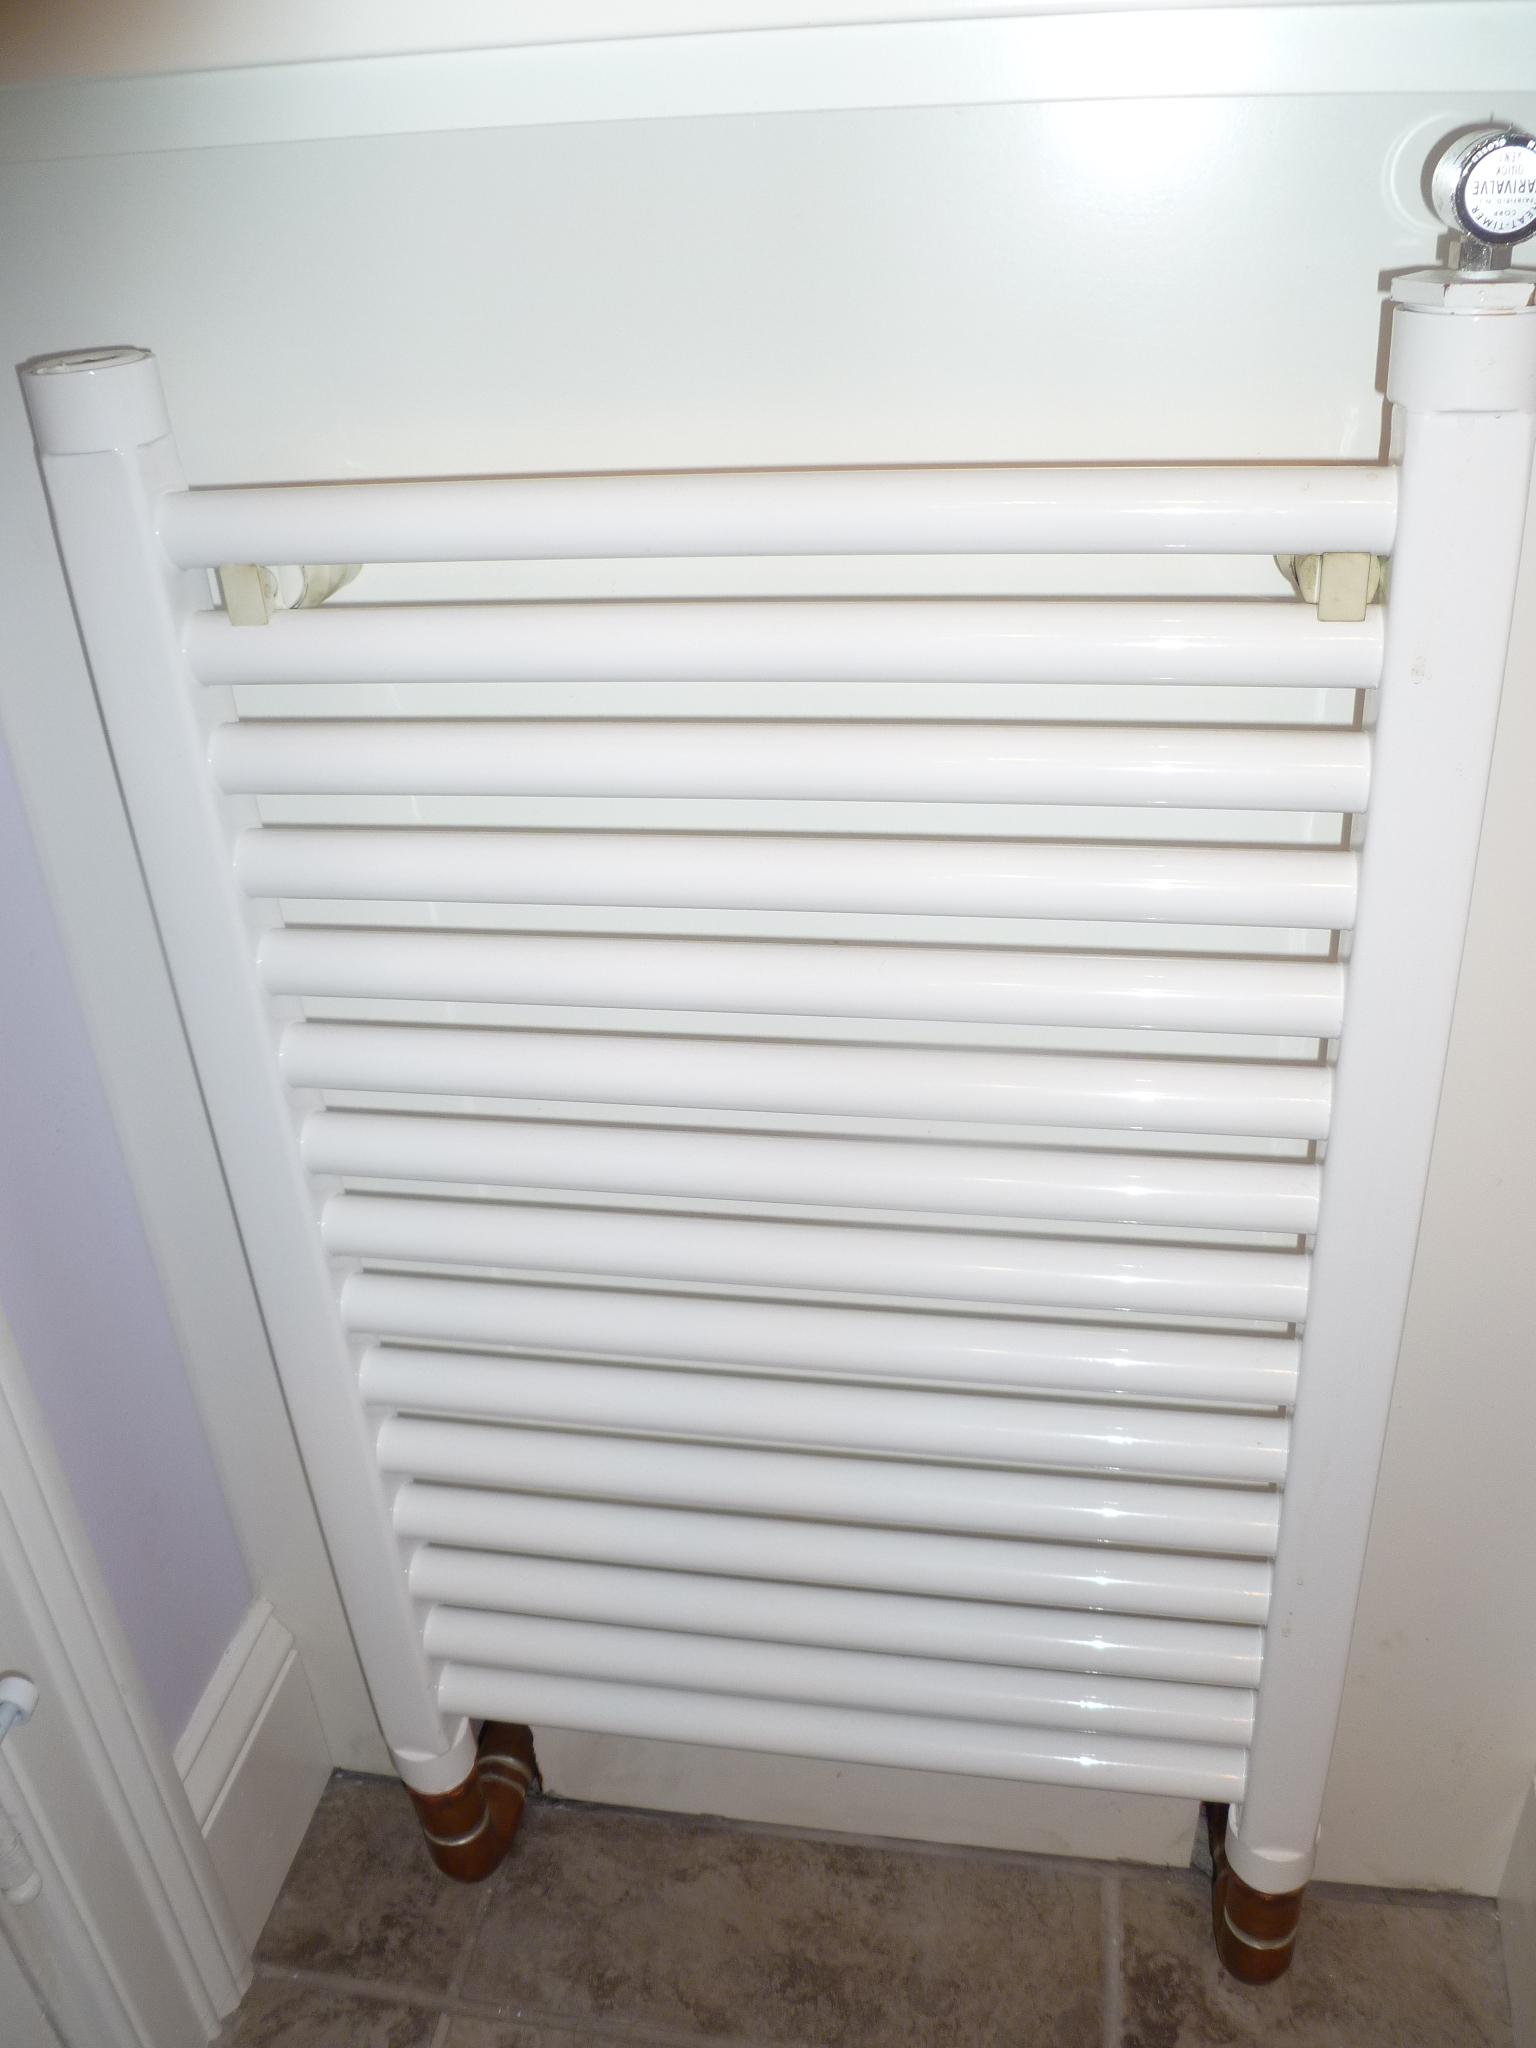 bathroom radiator - Runtal Radiators